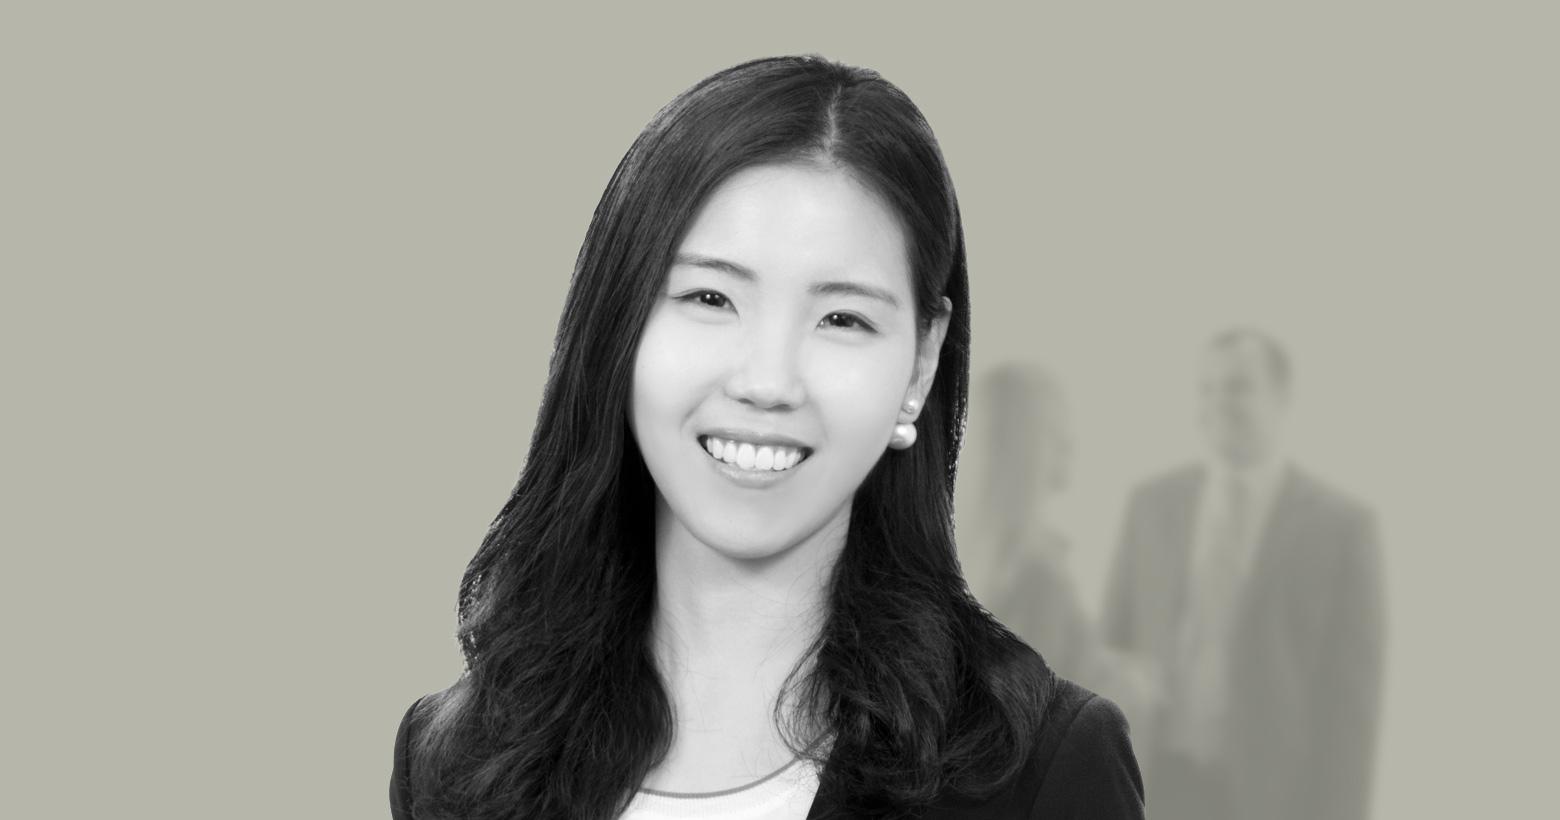 Heesu Kim